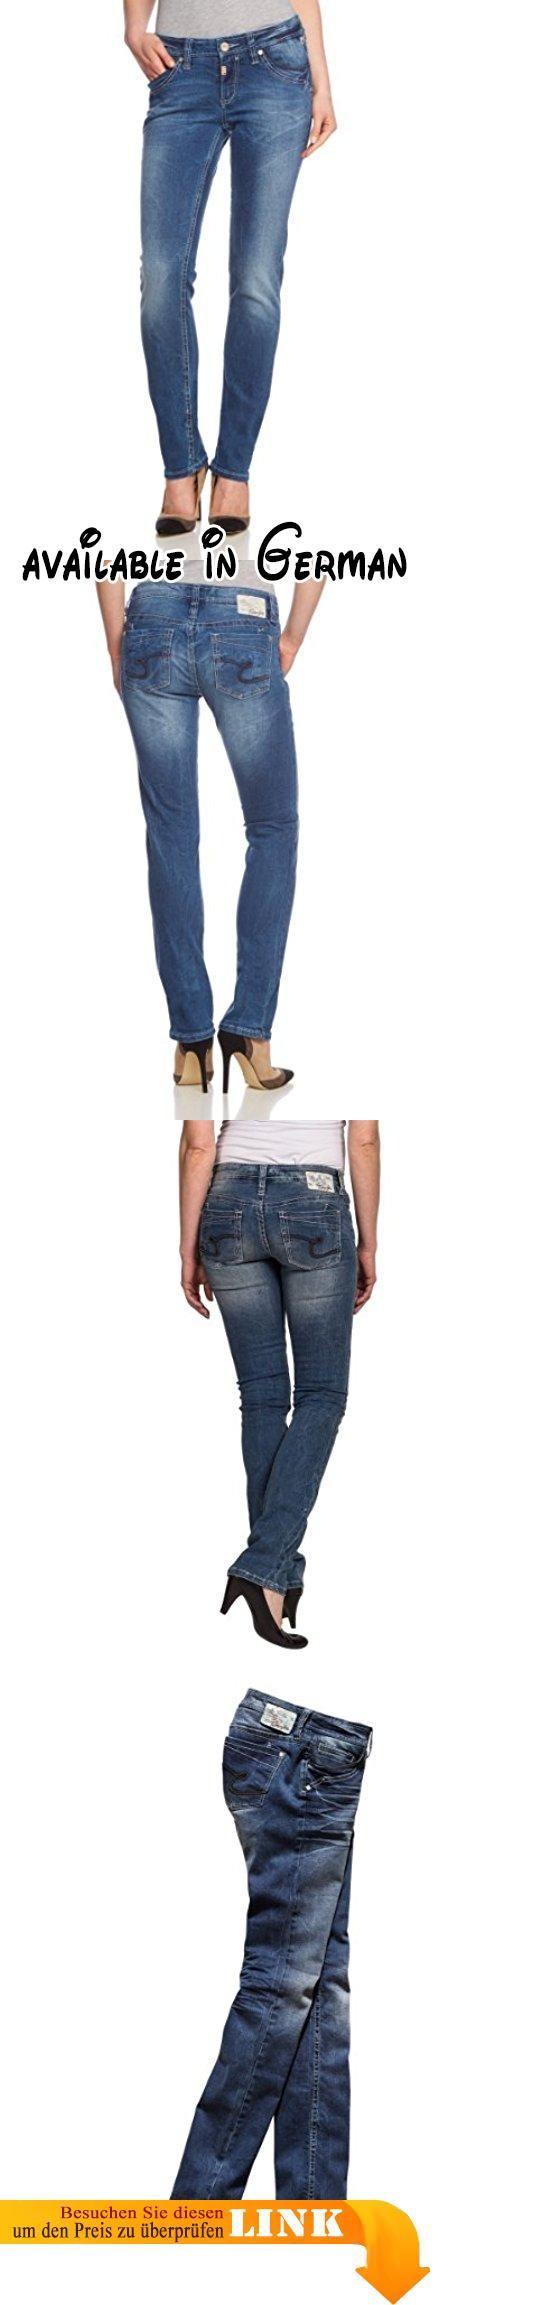 """Timezone Damen Jeans Normaler Bund TahilaTZ """"3352 street wash"""" 16-5295, Gr. 33/32, Blau (street wash 3352). 5 Pocket-Jeans für die modische Frau. mittelblau mit dezenten Wascheffekten #Apparel #PANTS"""